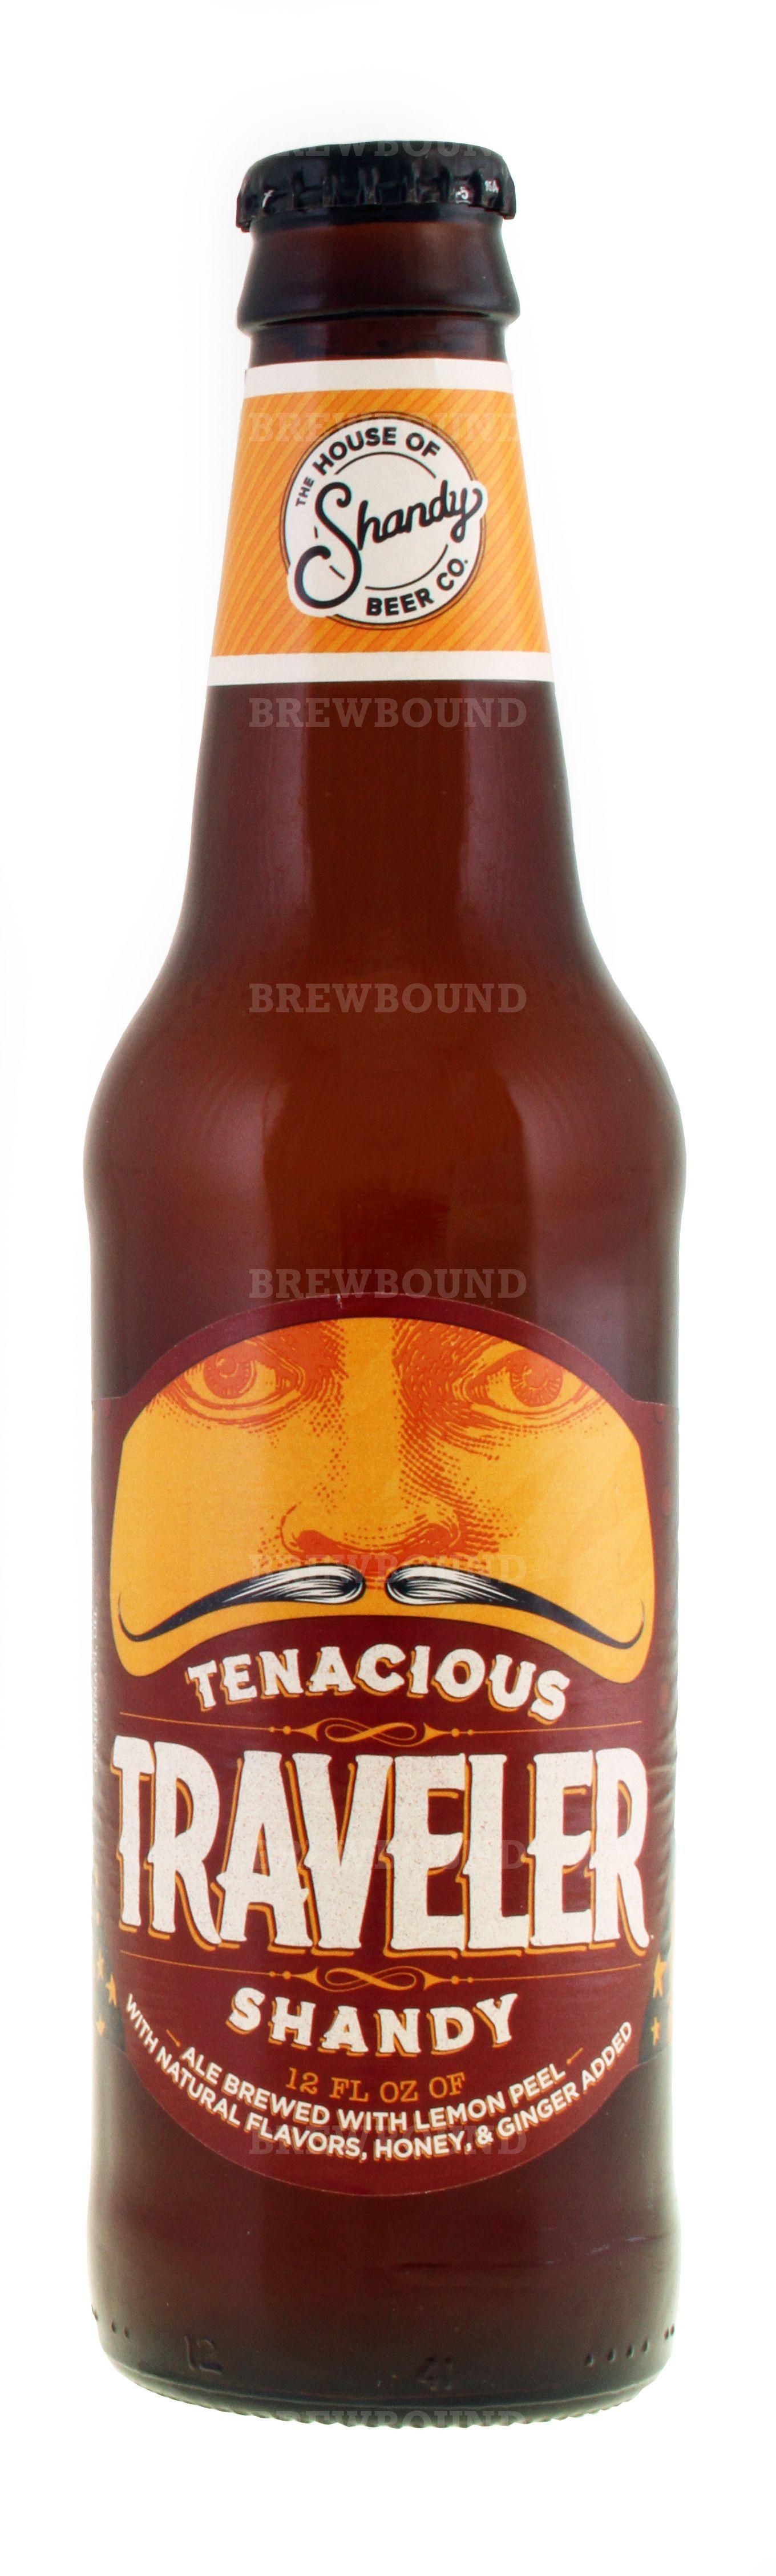 Tenacious Traveler Shandy Shandy Beer Beer Wine And Beer